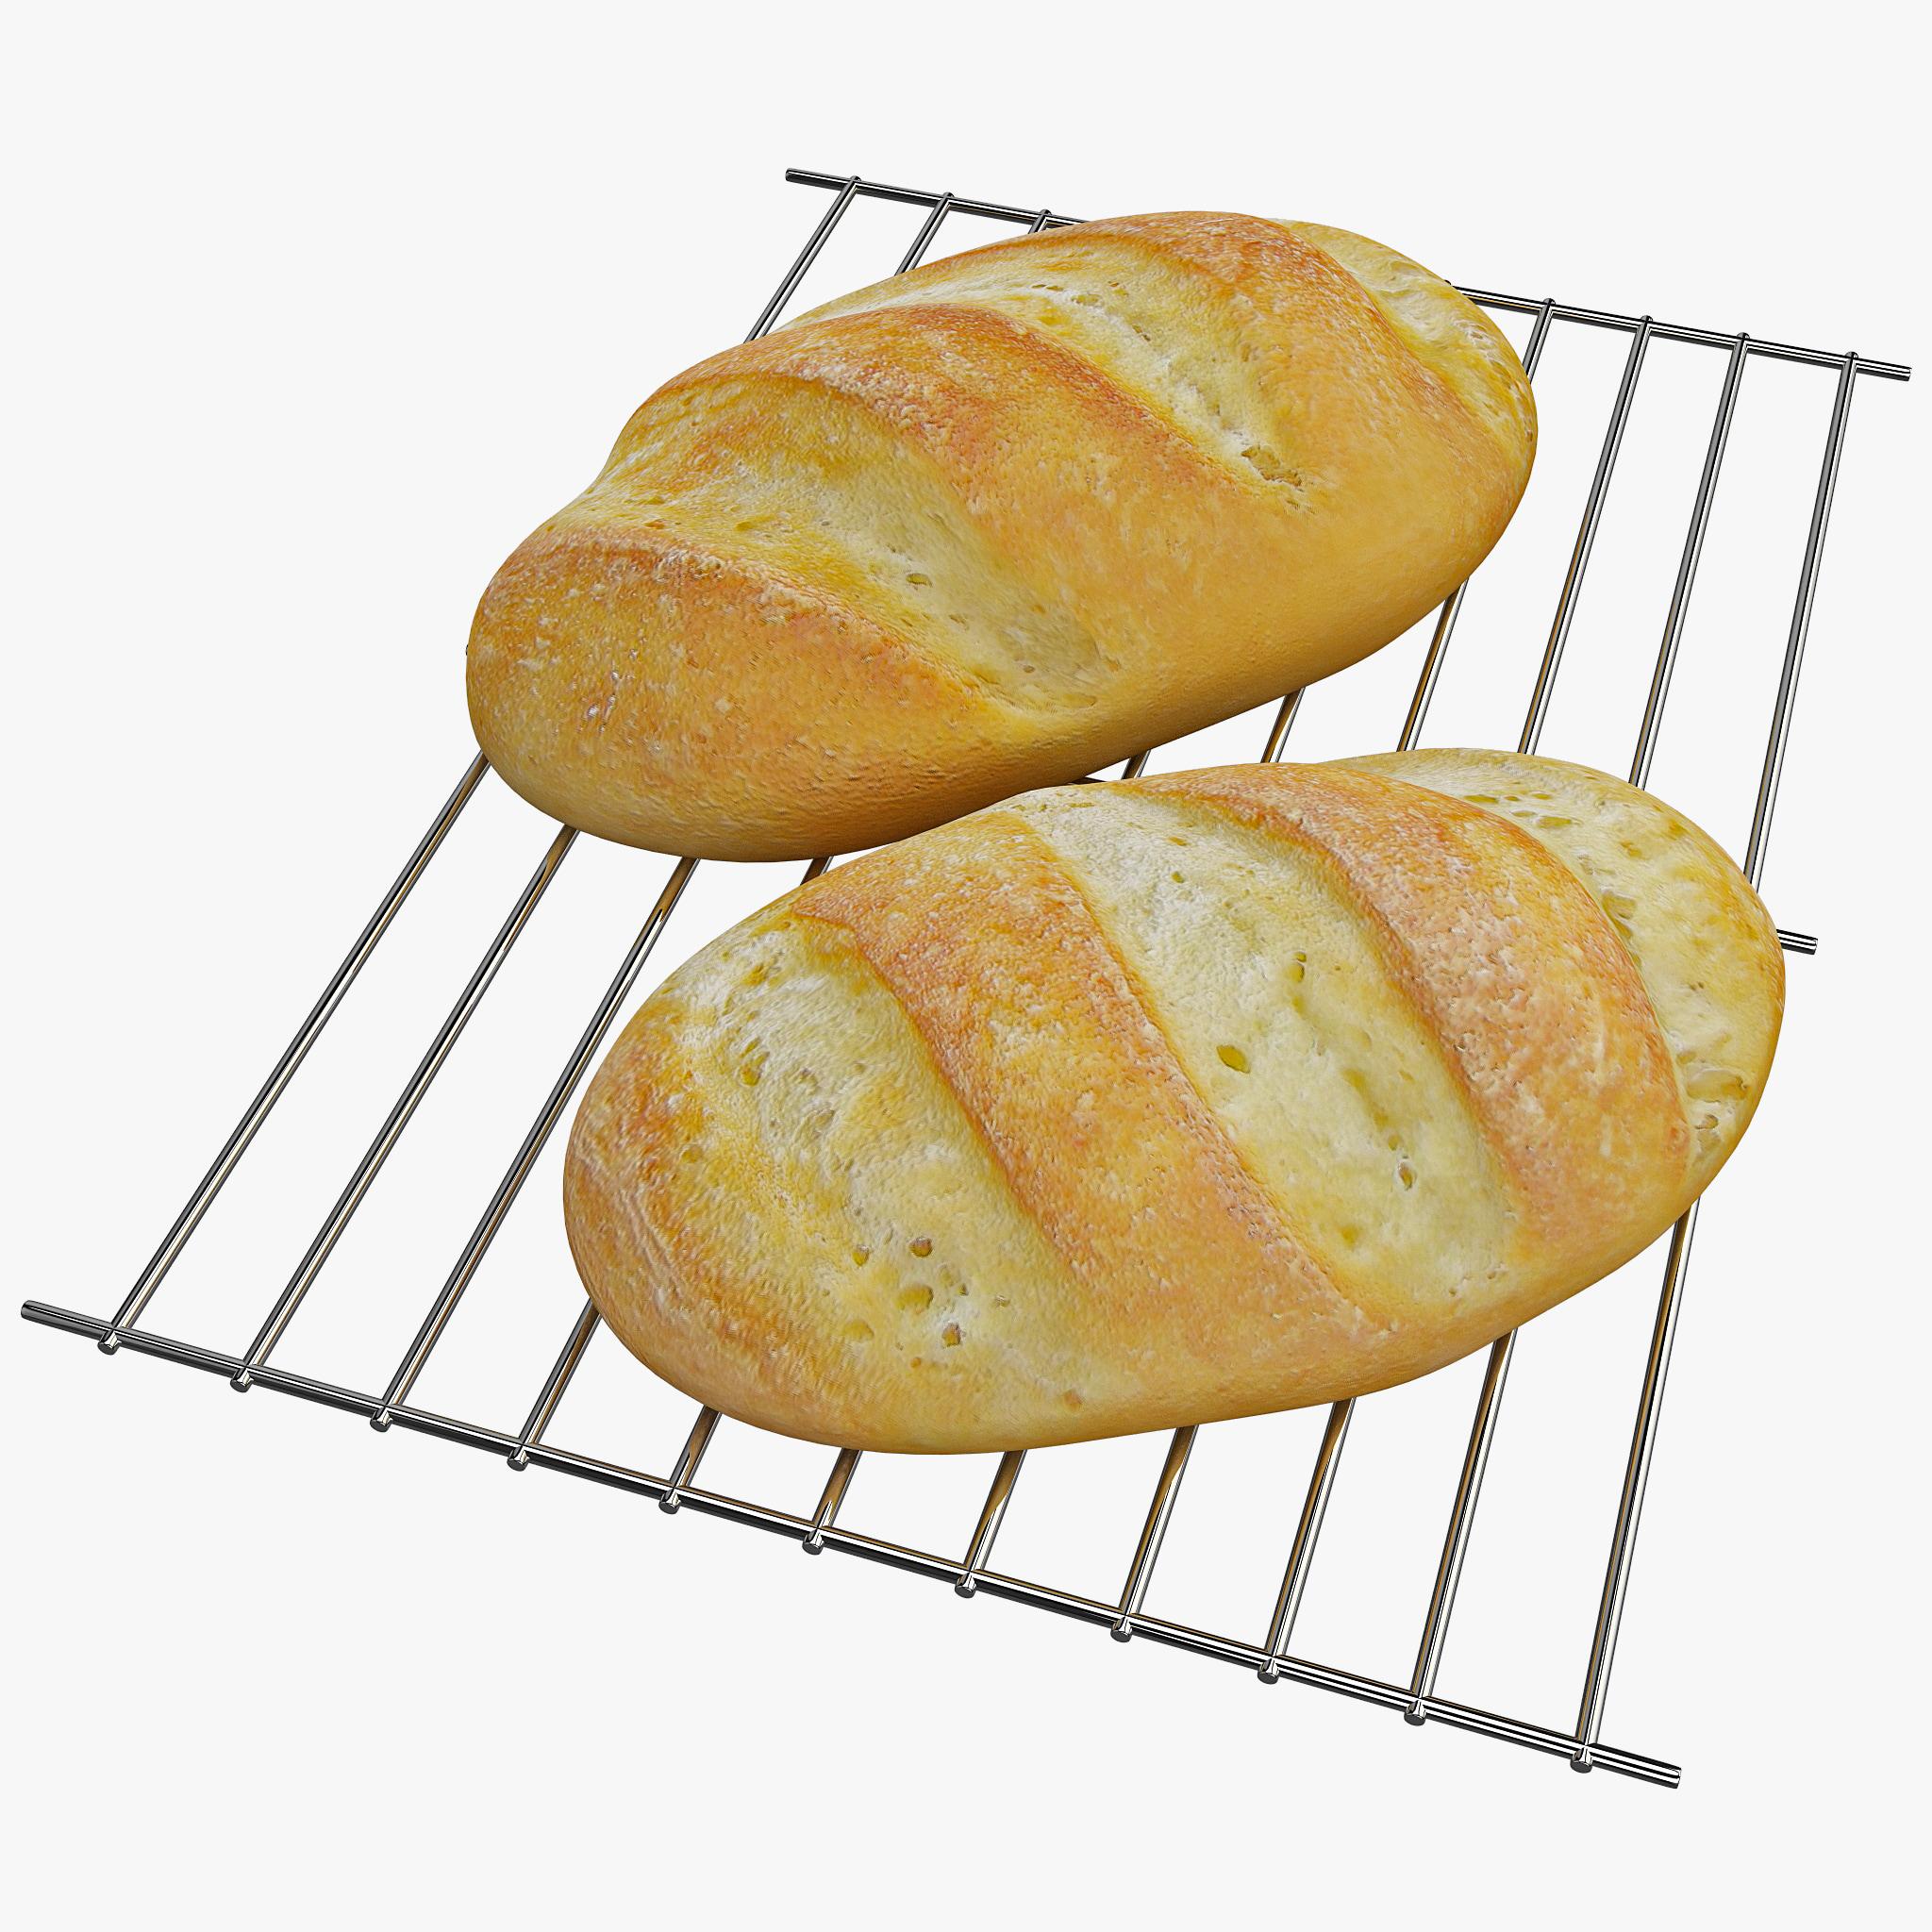 181421_Bread_2_000.jpg